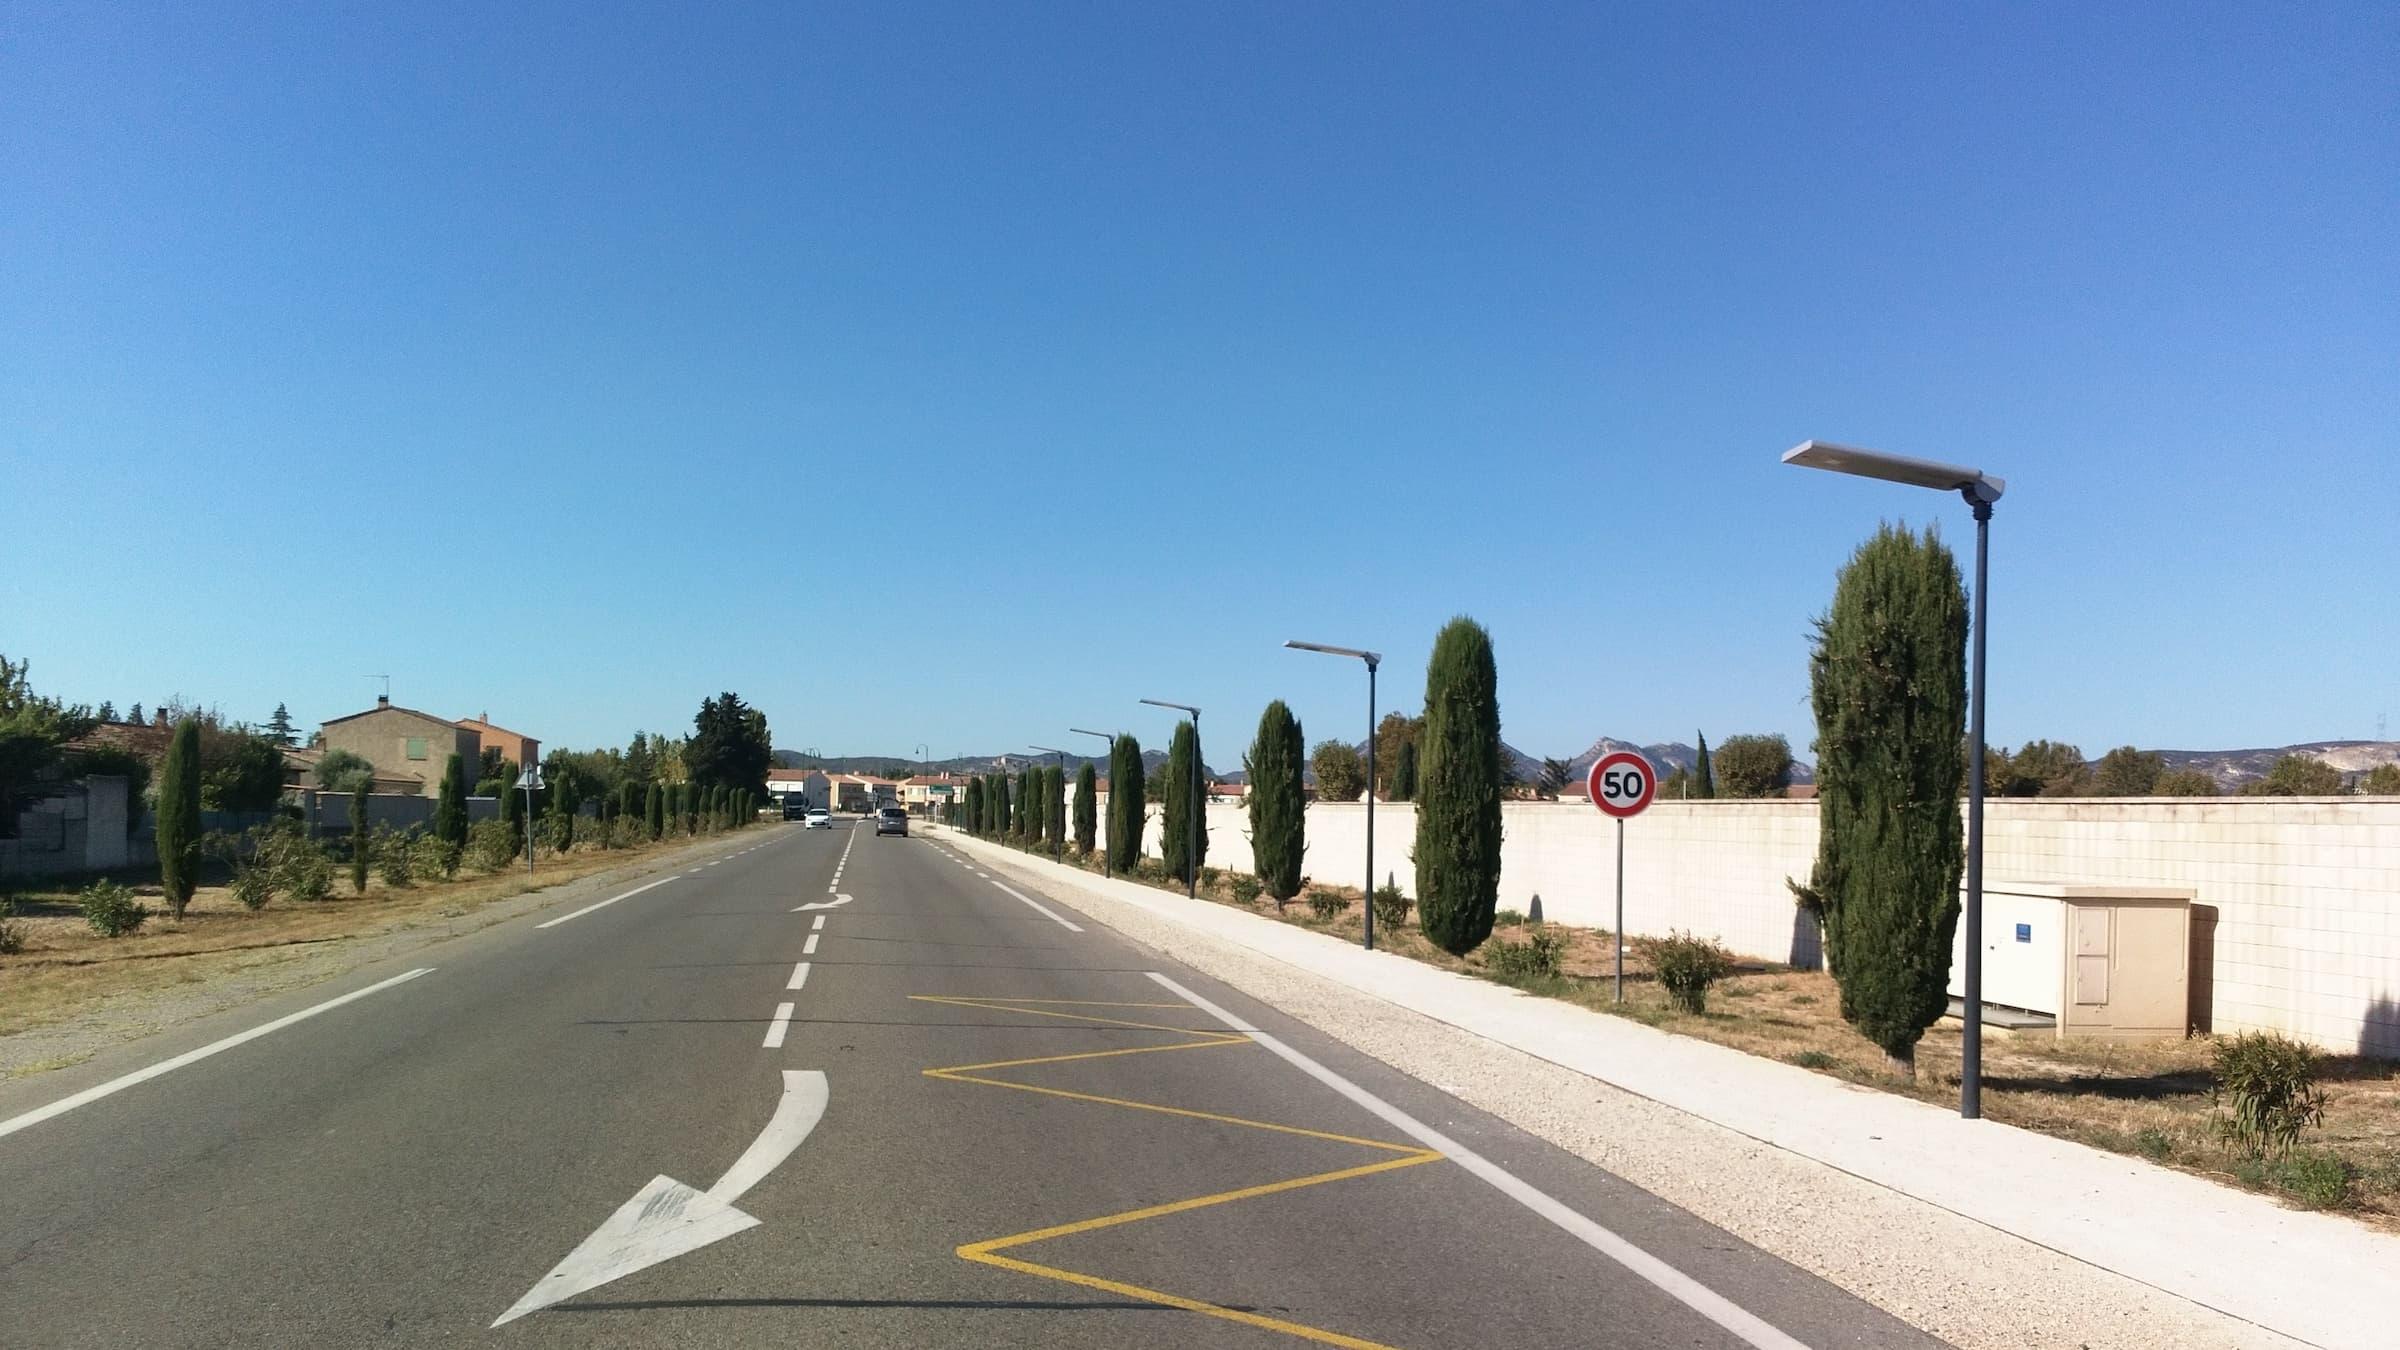 integrated-solar-street-light-installation-in-expressway-in-France